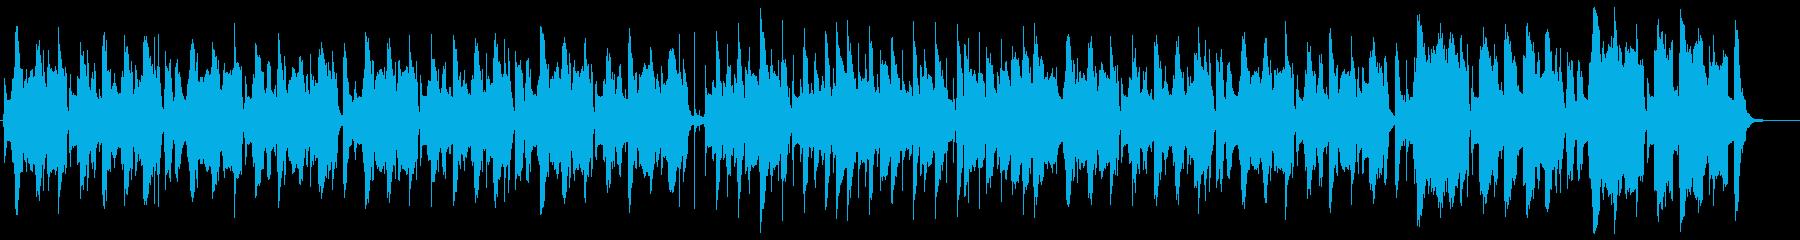 トランペットを使ったコミカルなBGMの再生済みの波形